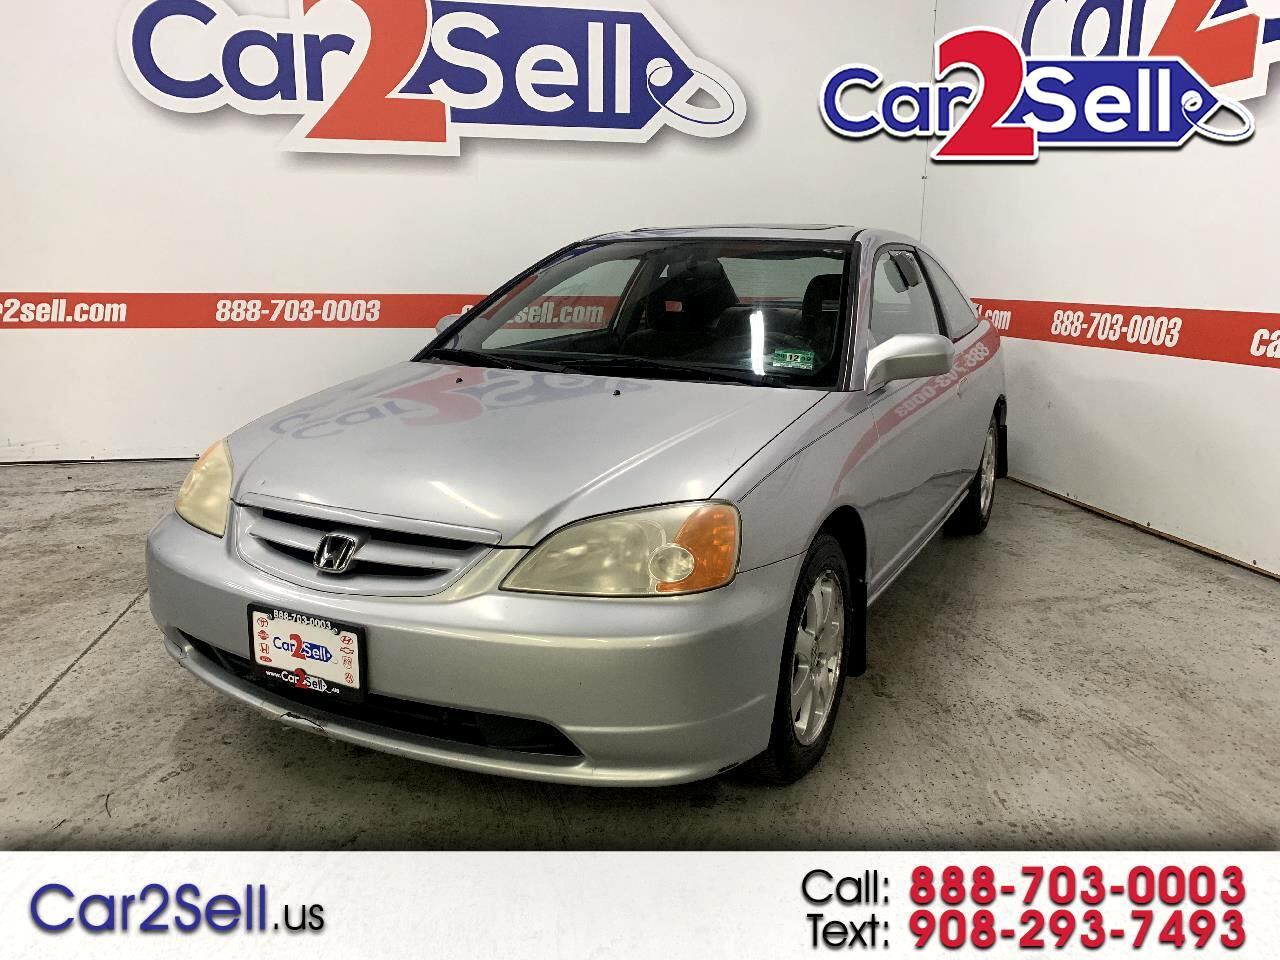 2003 Honda Civic 2dr Cpe EX Auto